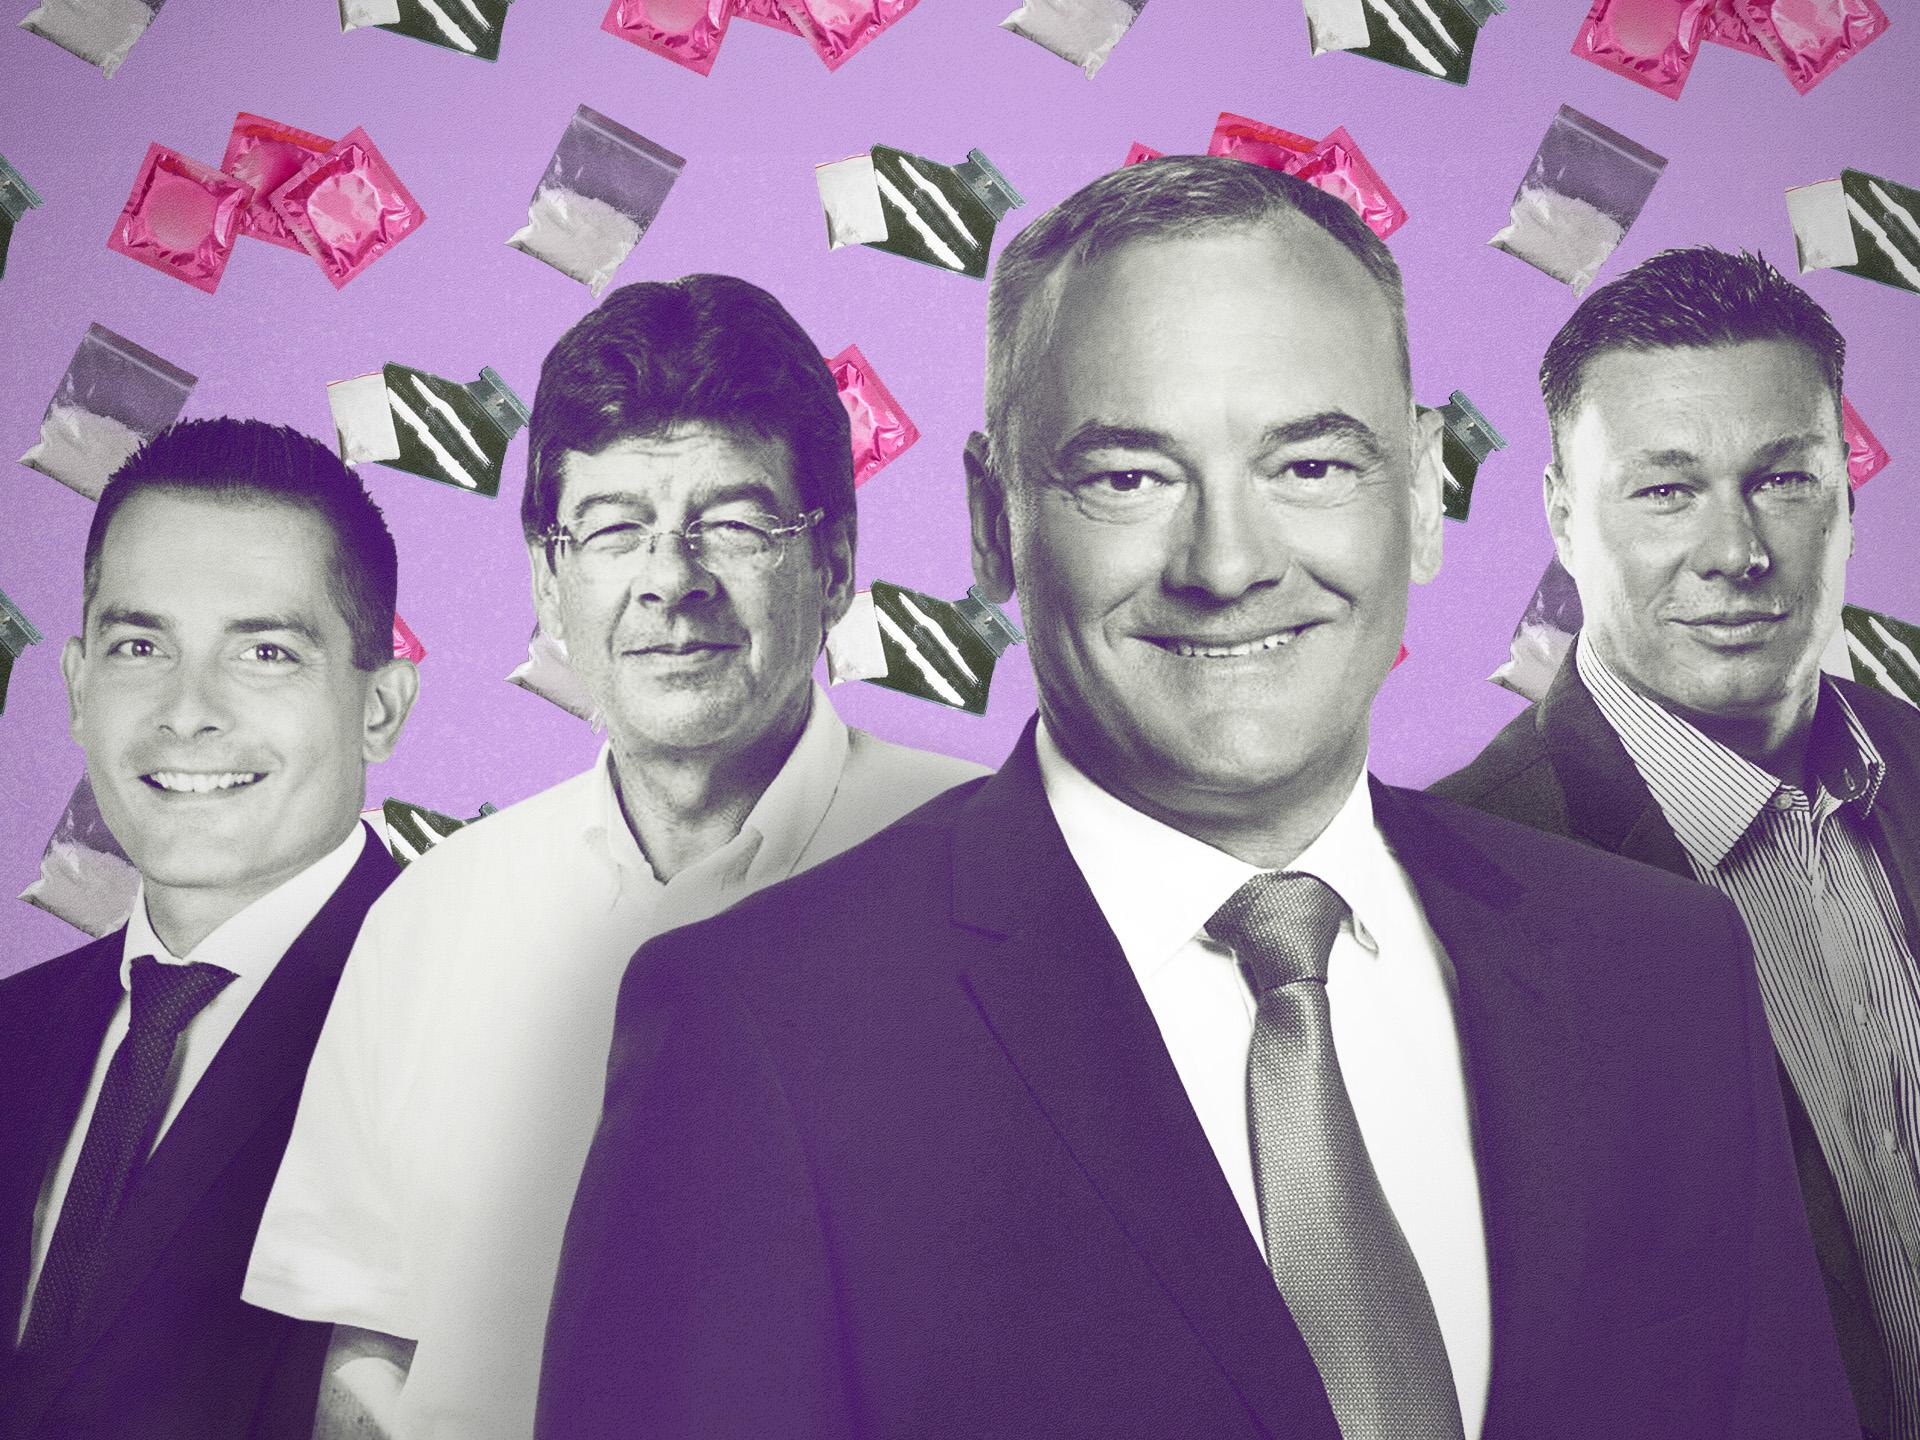 A leghangosabb botrányok főszereplői mind győztek a választáson